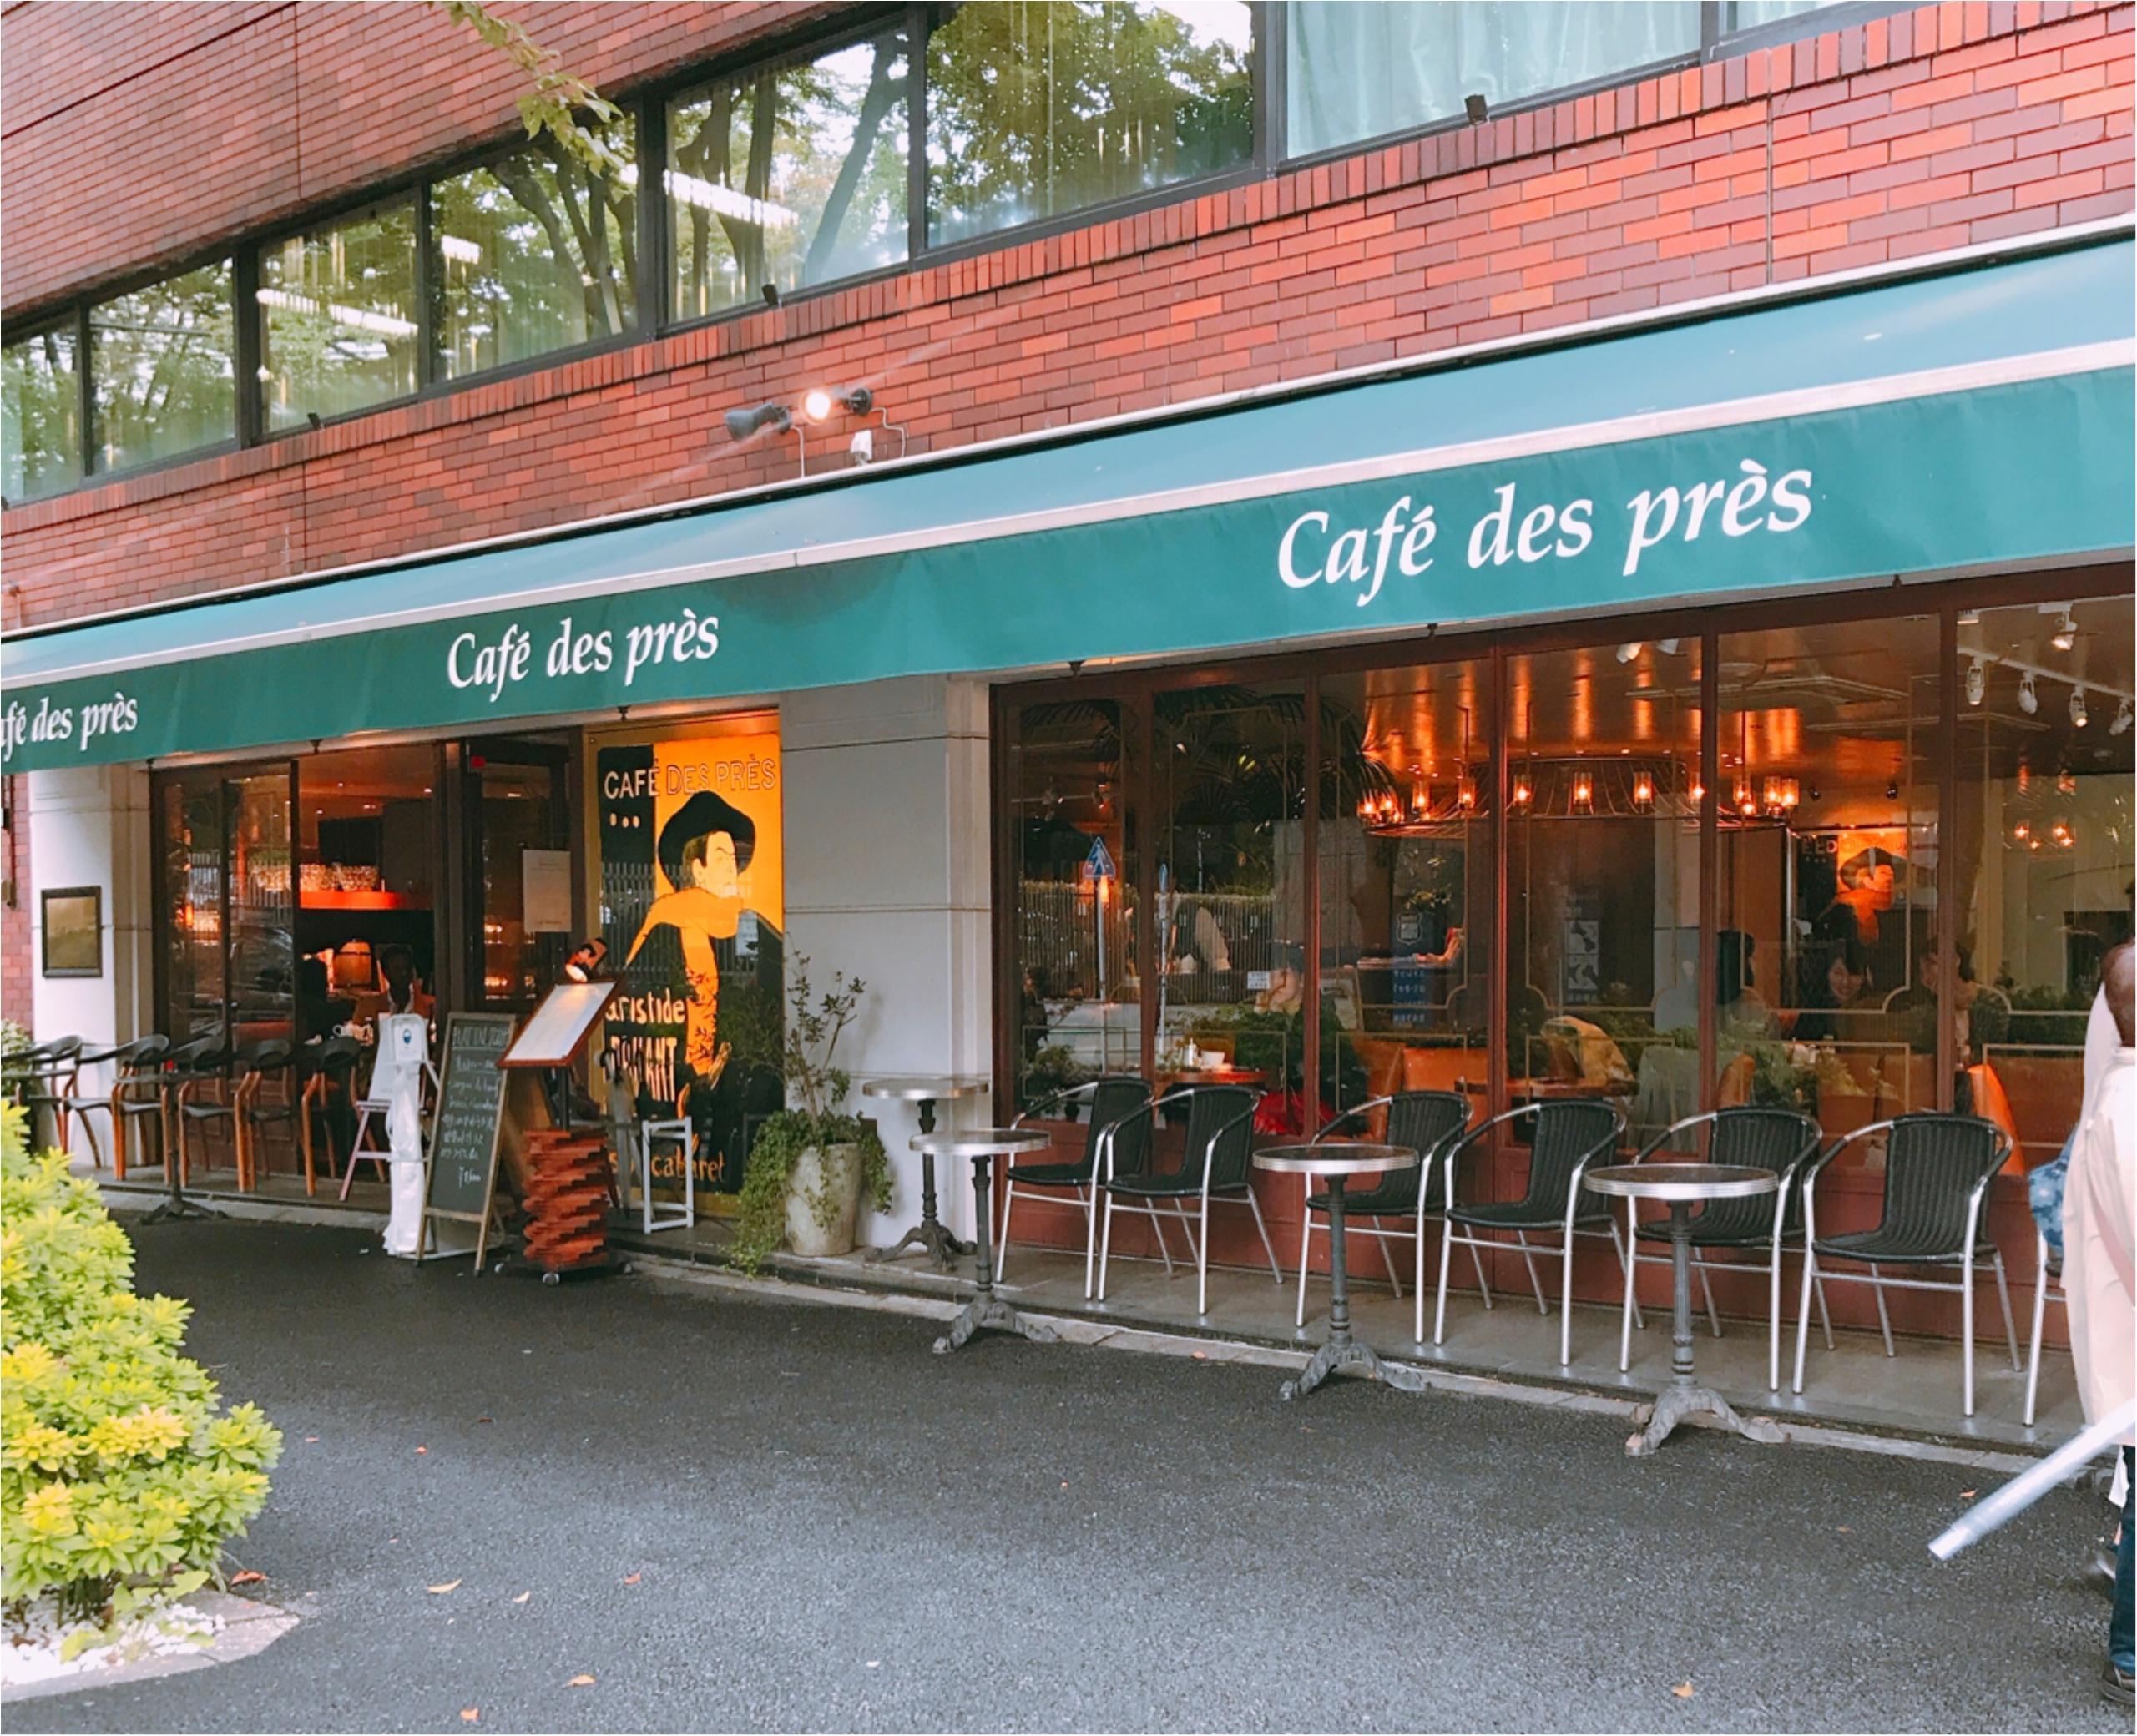 広尾で今行くべきカフェは《Cafe des pres(カフェ・デ・プレ)》!!_1